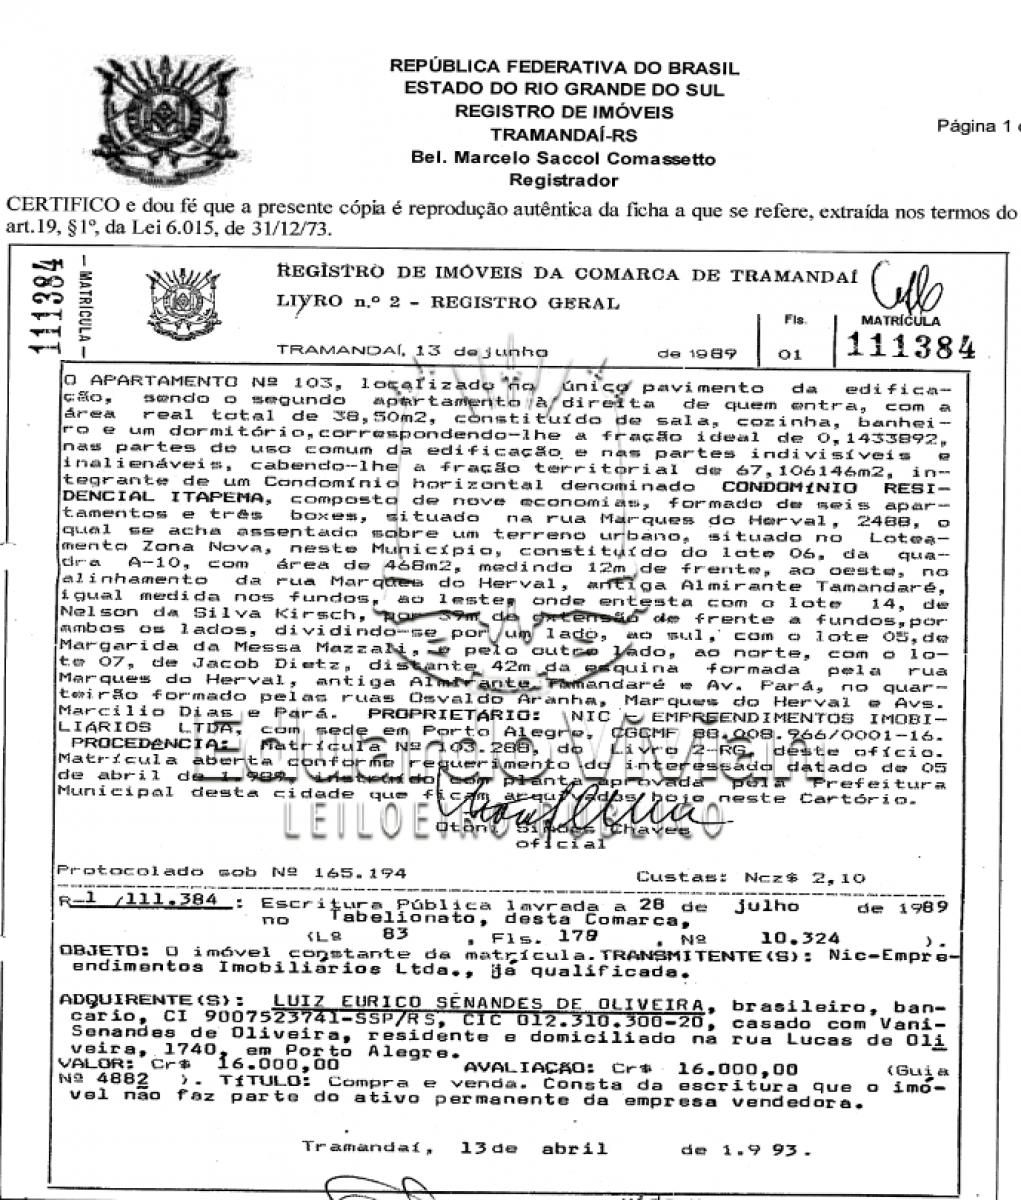 VENDA DE APARTAMENTO EM TRAMANDAI NA ZONA NOVA